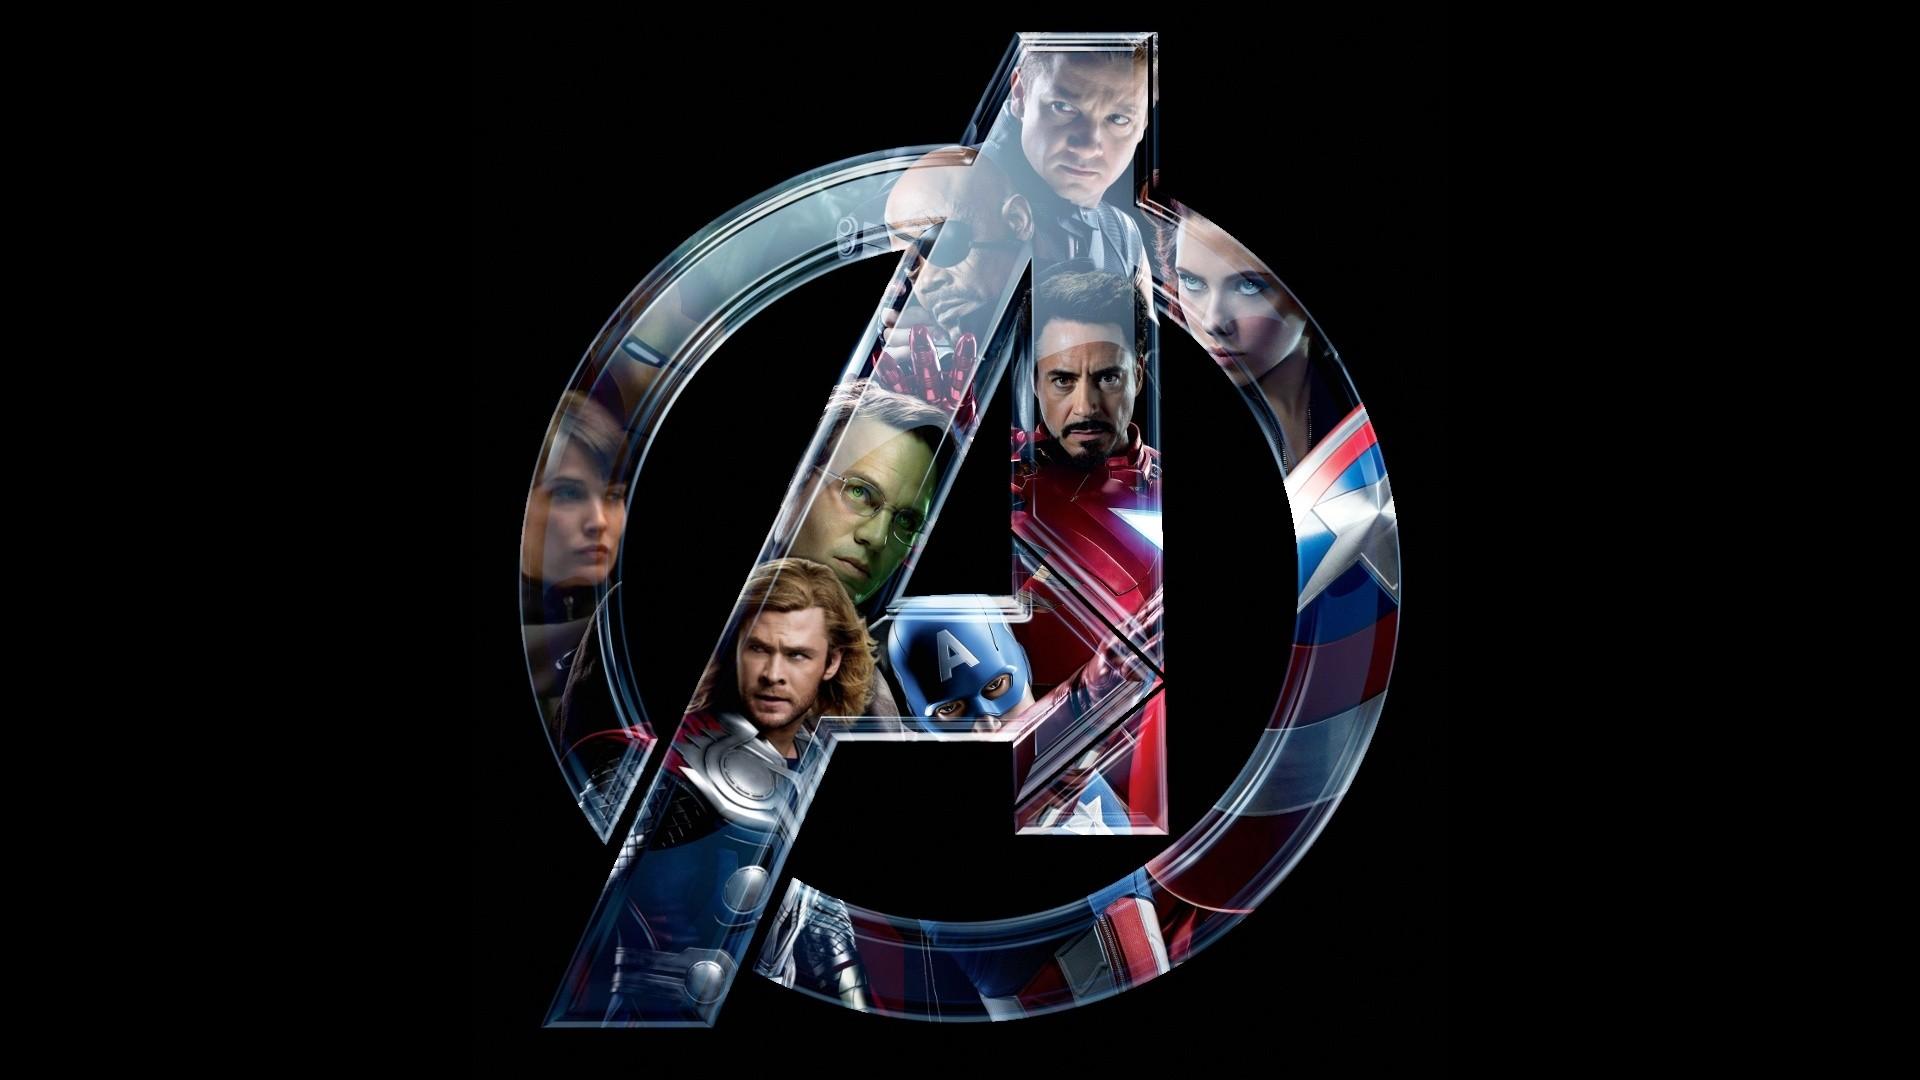 Железный человек Avengers  № 1390483 загрузить